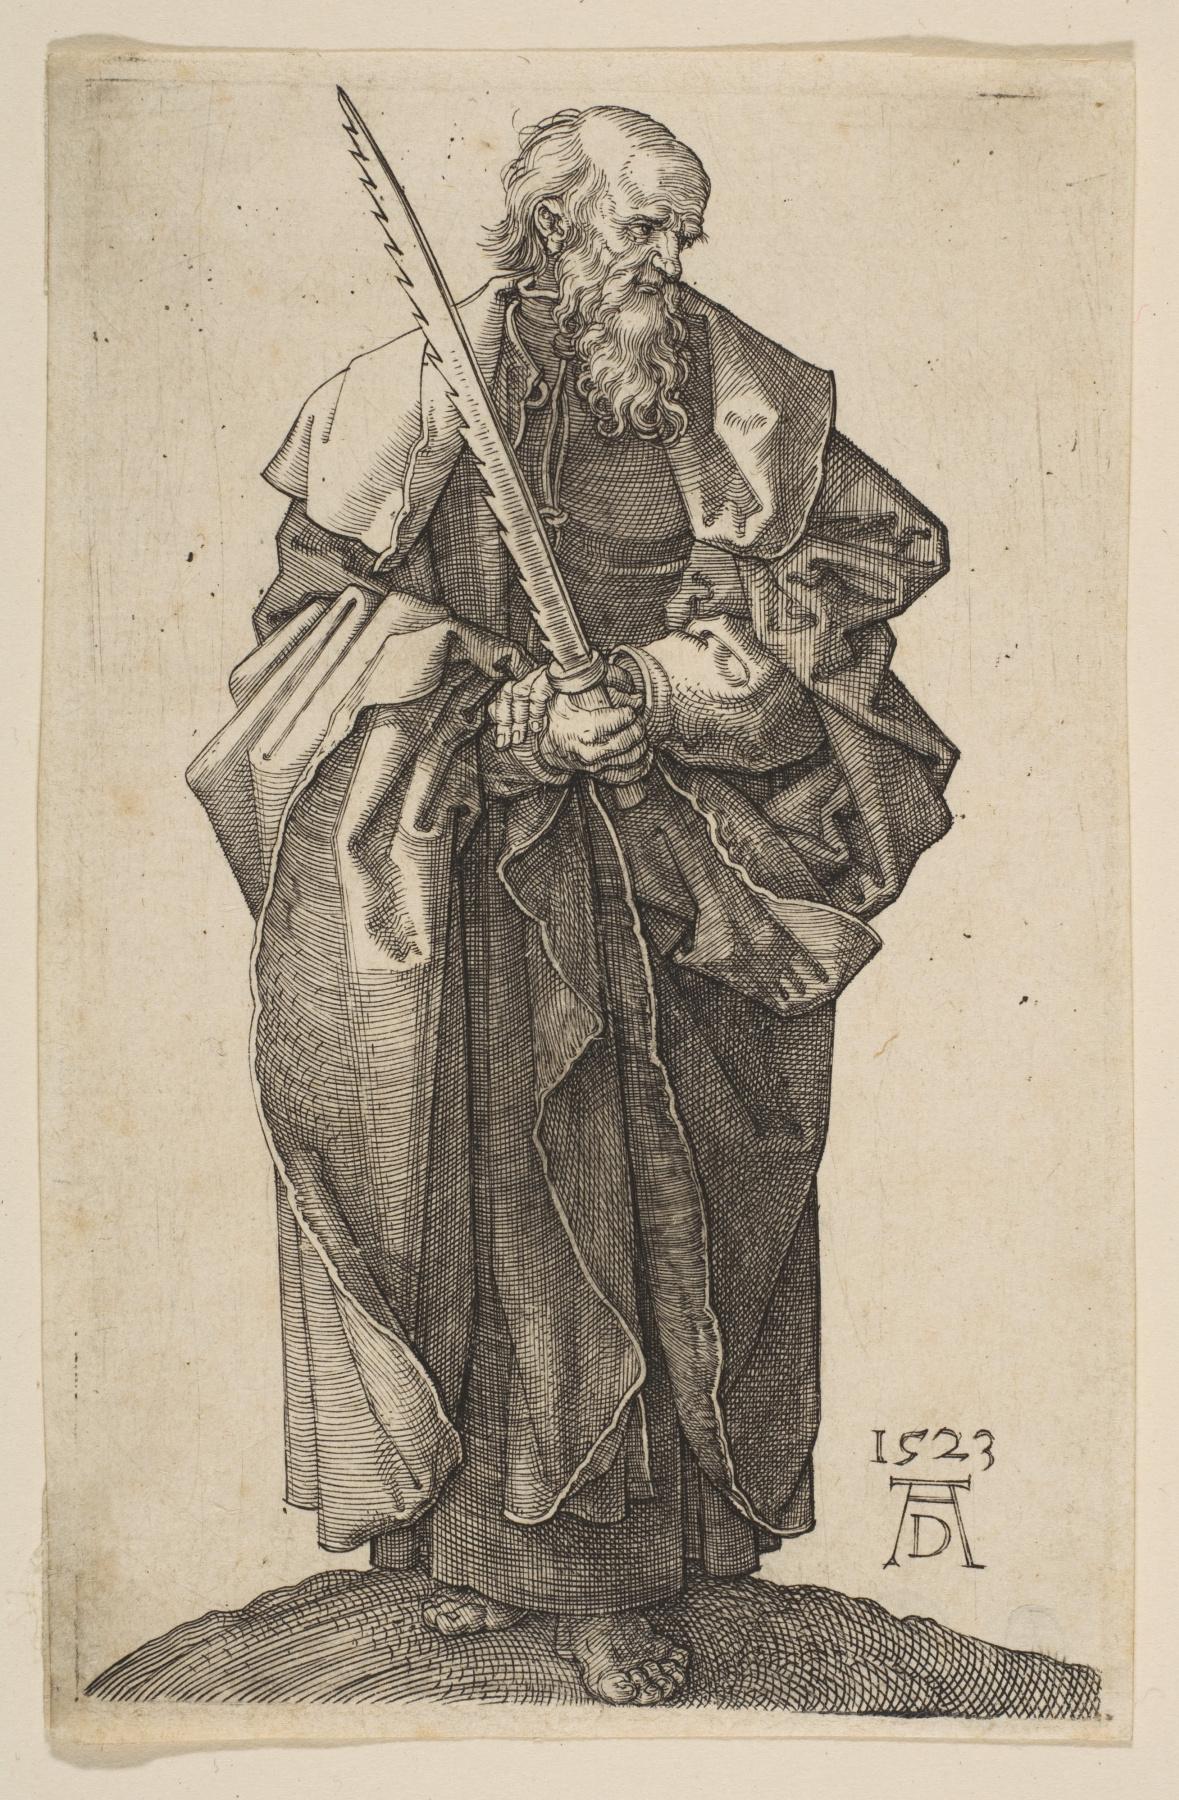 Albrecht Durer. The Apostle Simon